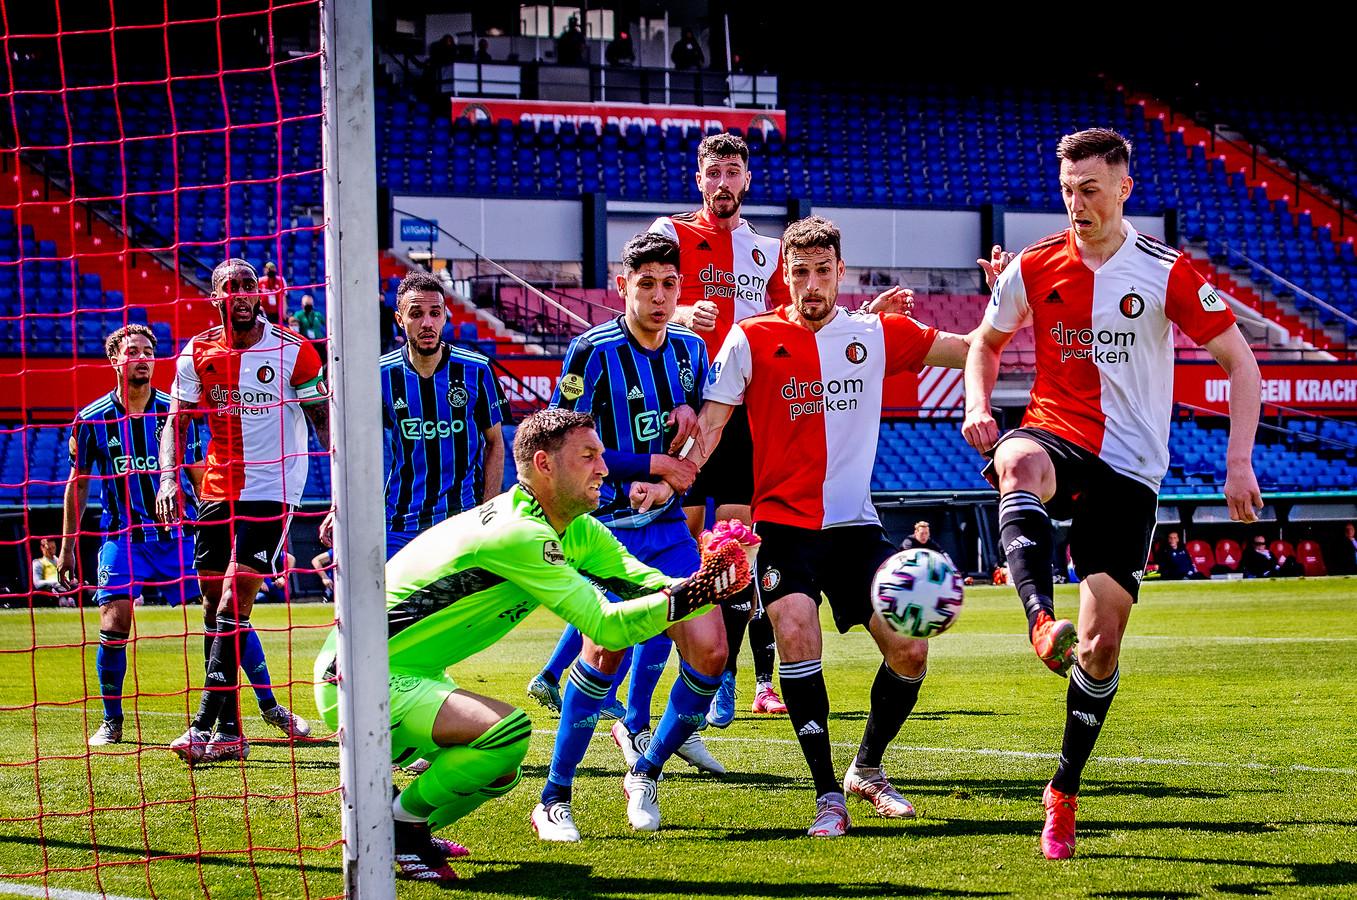 Maarten Stekelenburg stopt de inzet van Feyenoord-spits Róbert Boženík. Ajax won met 0-3 in de Kuip.